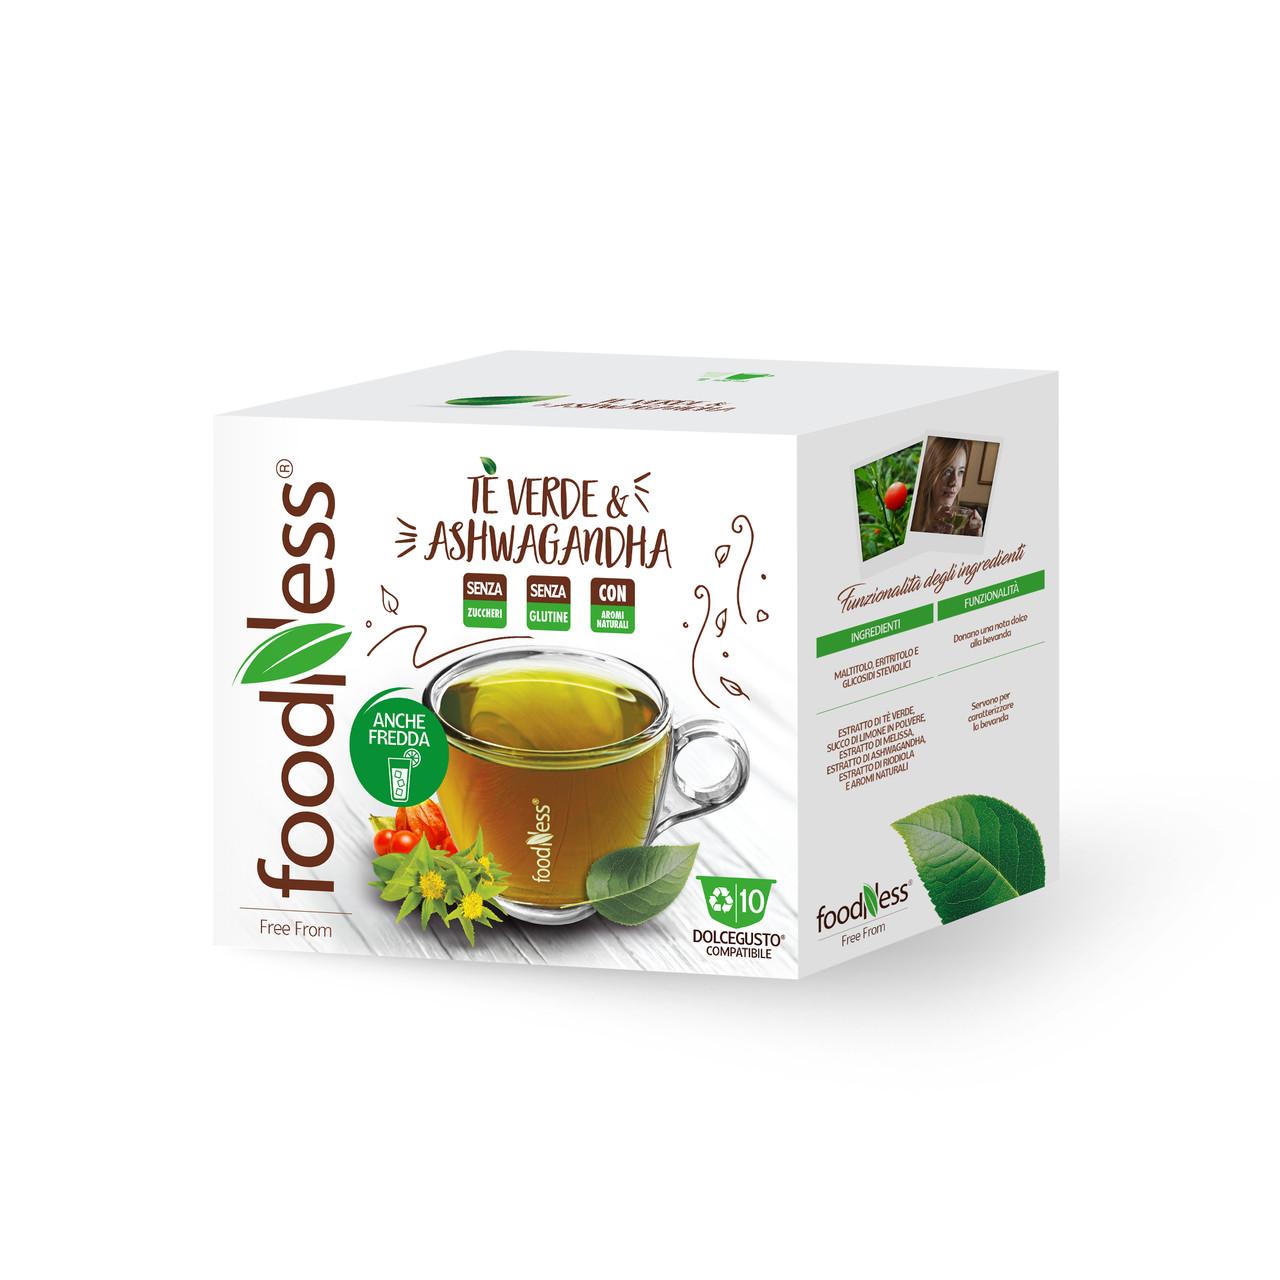 Чай в капсулах FoodNess Dolce Gusto Green Tea & Ashwagandha 10 шт. (Фуднес Дольче Густо), Италия